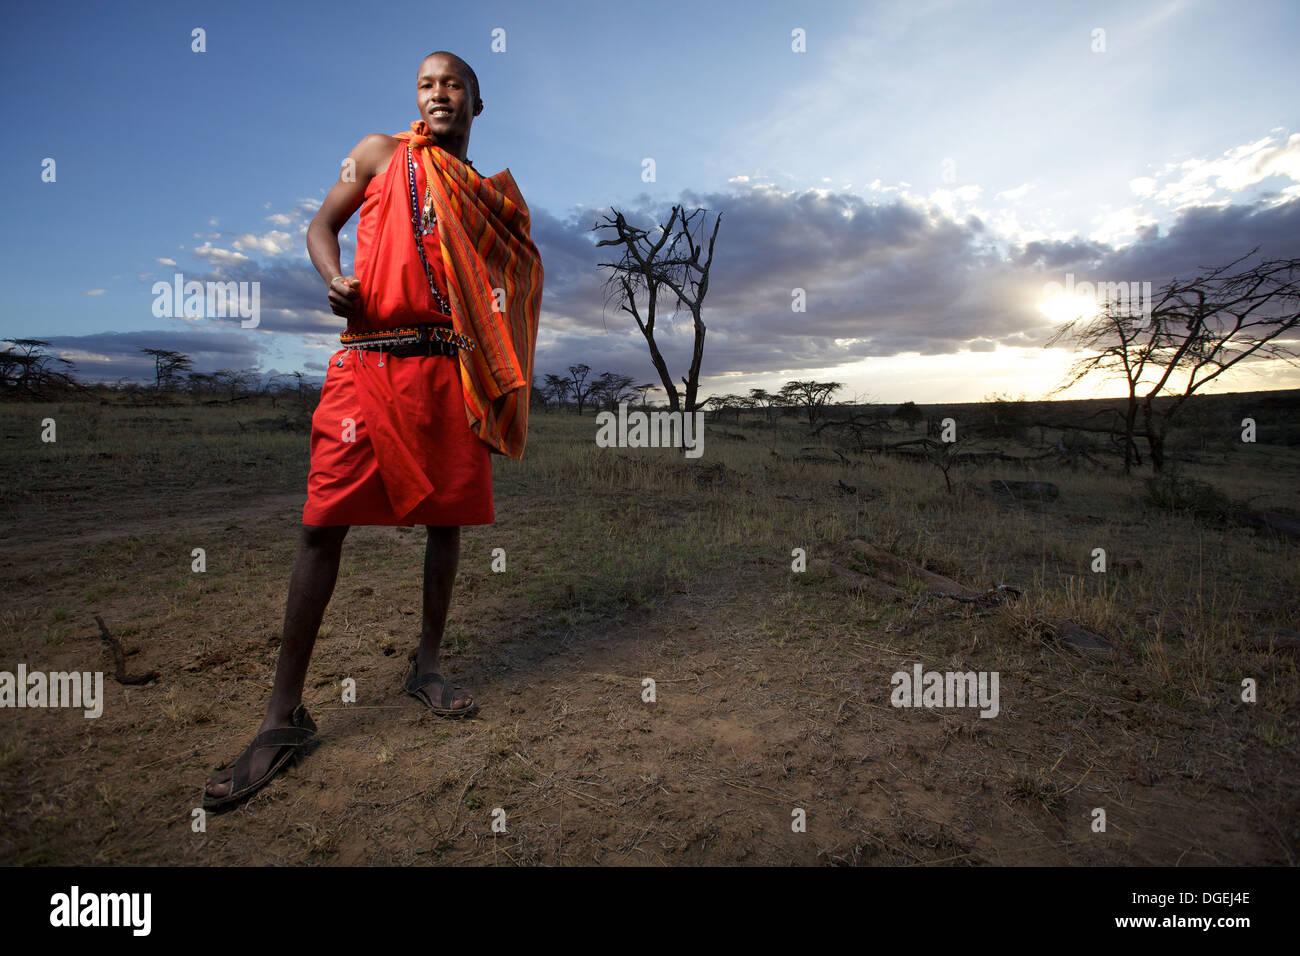 Hombre Masai Mara, región de retrato, Kenya Imagen De Stock